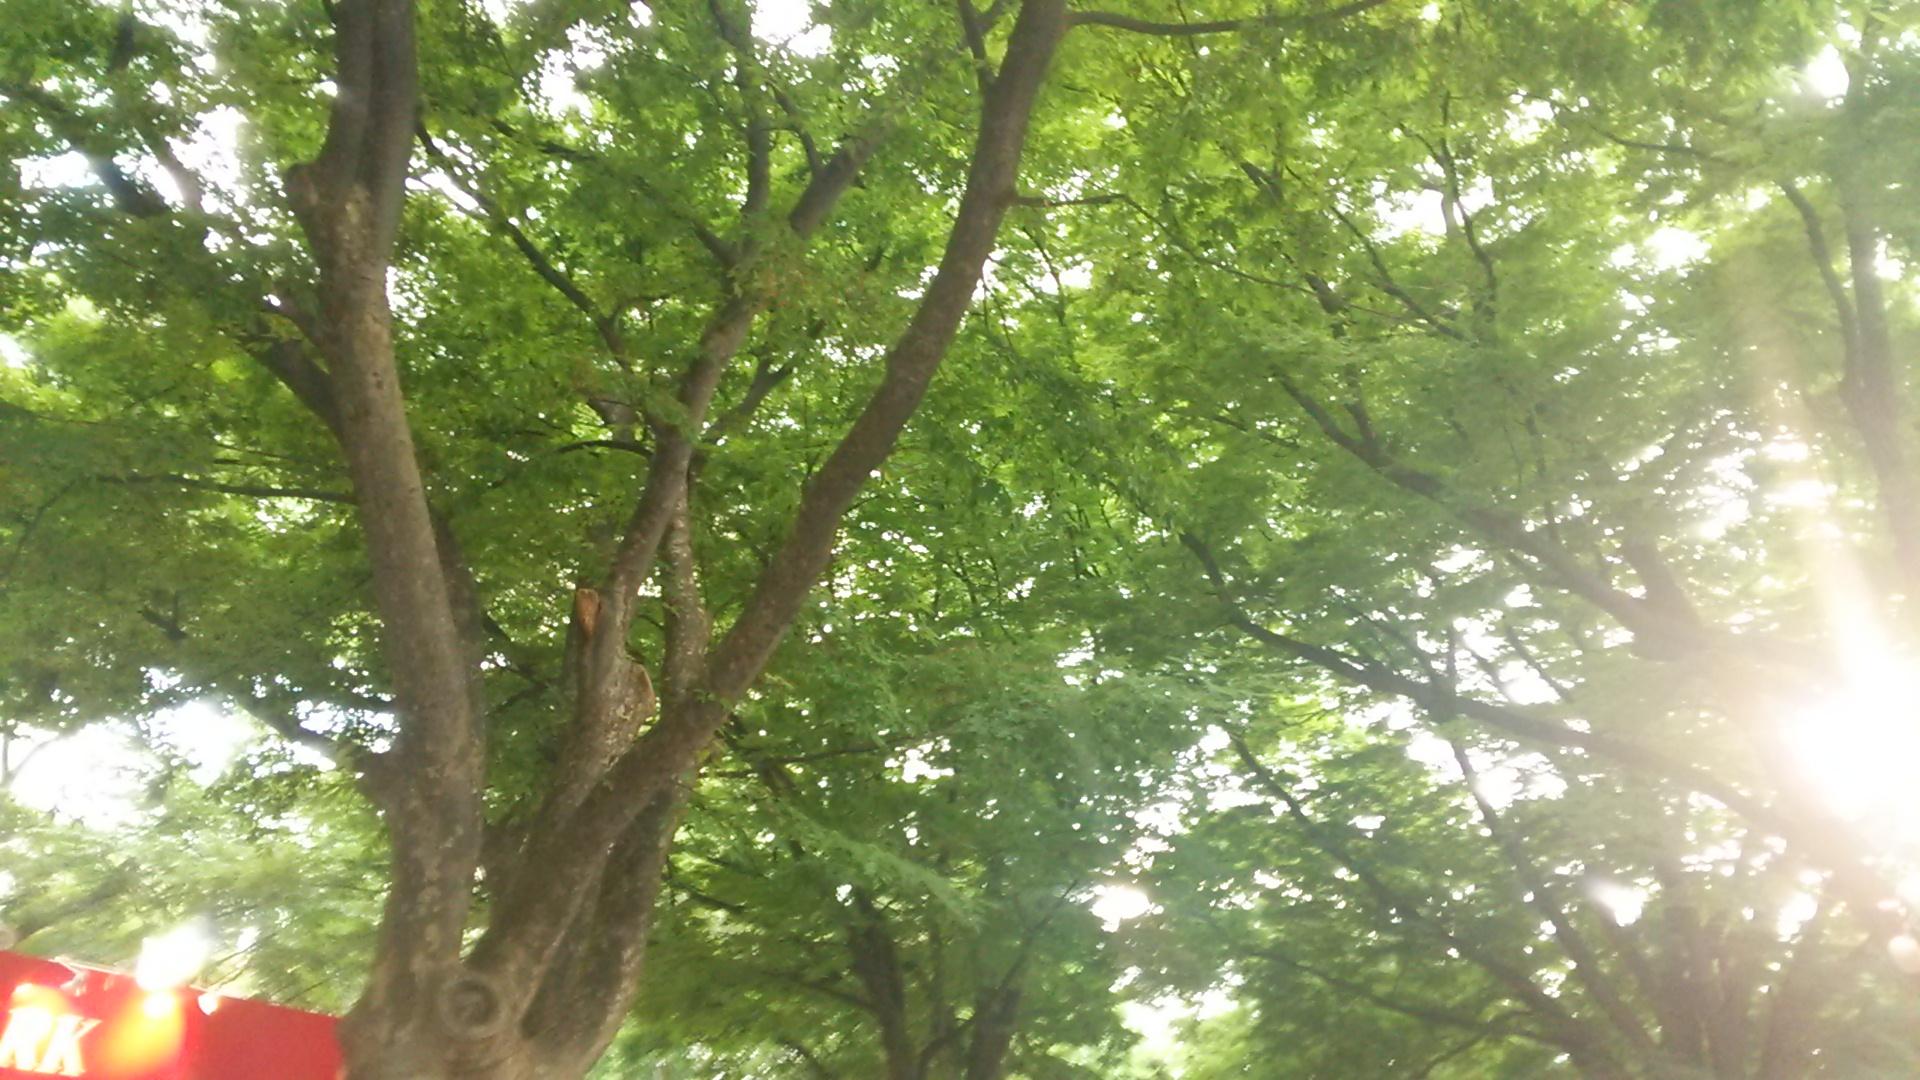 ビアガーデン景色 見上げた木